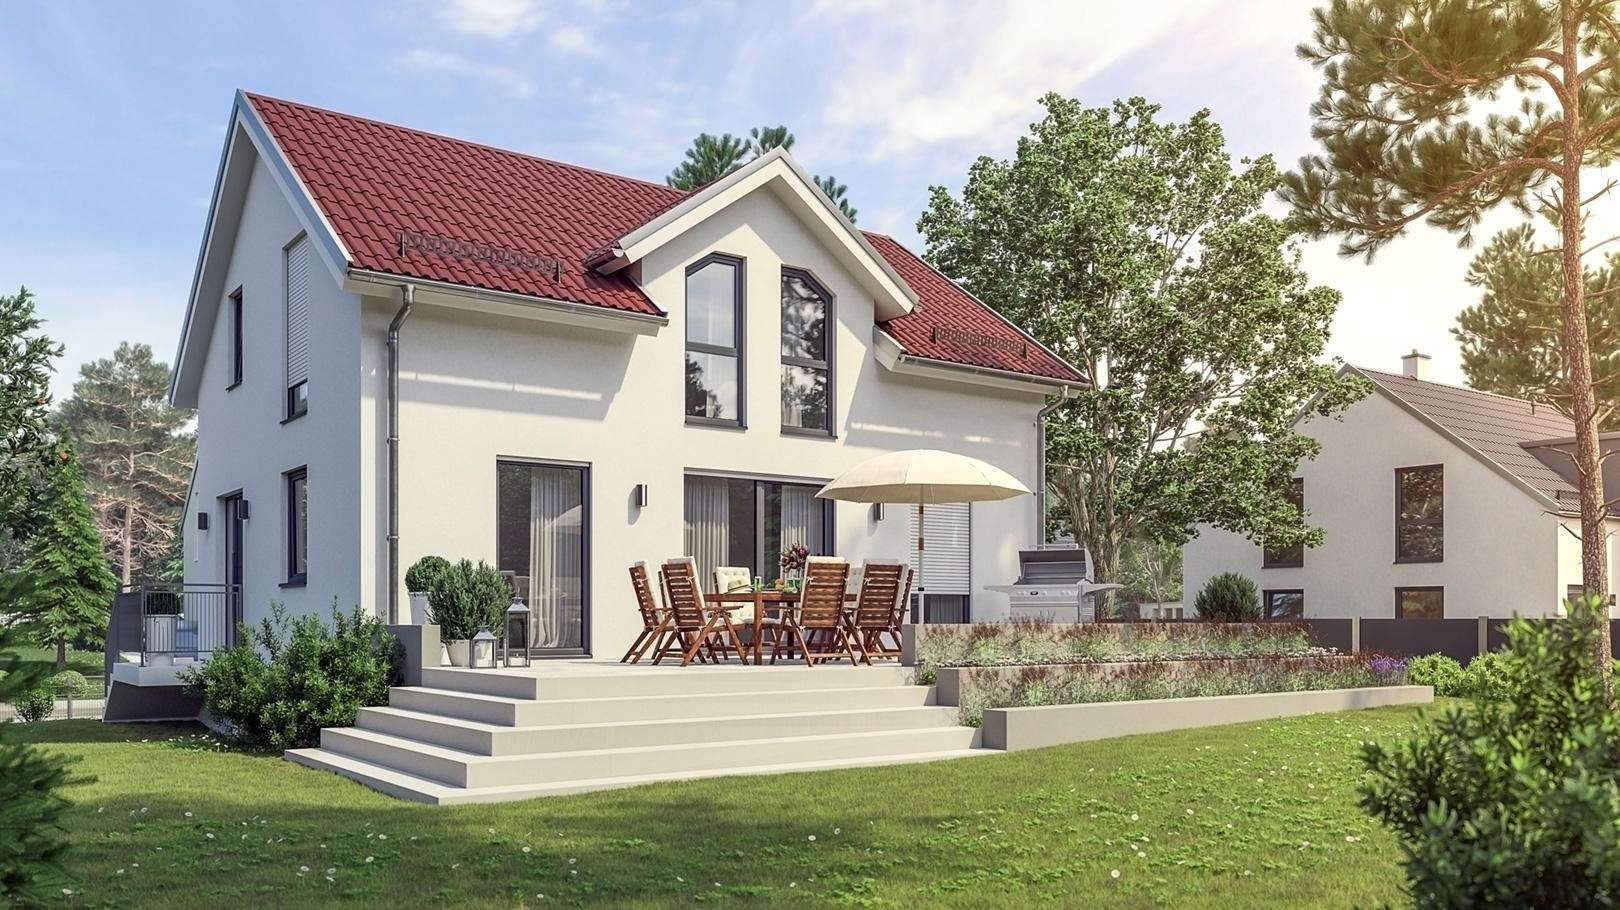 Haus-Idee Meiningen